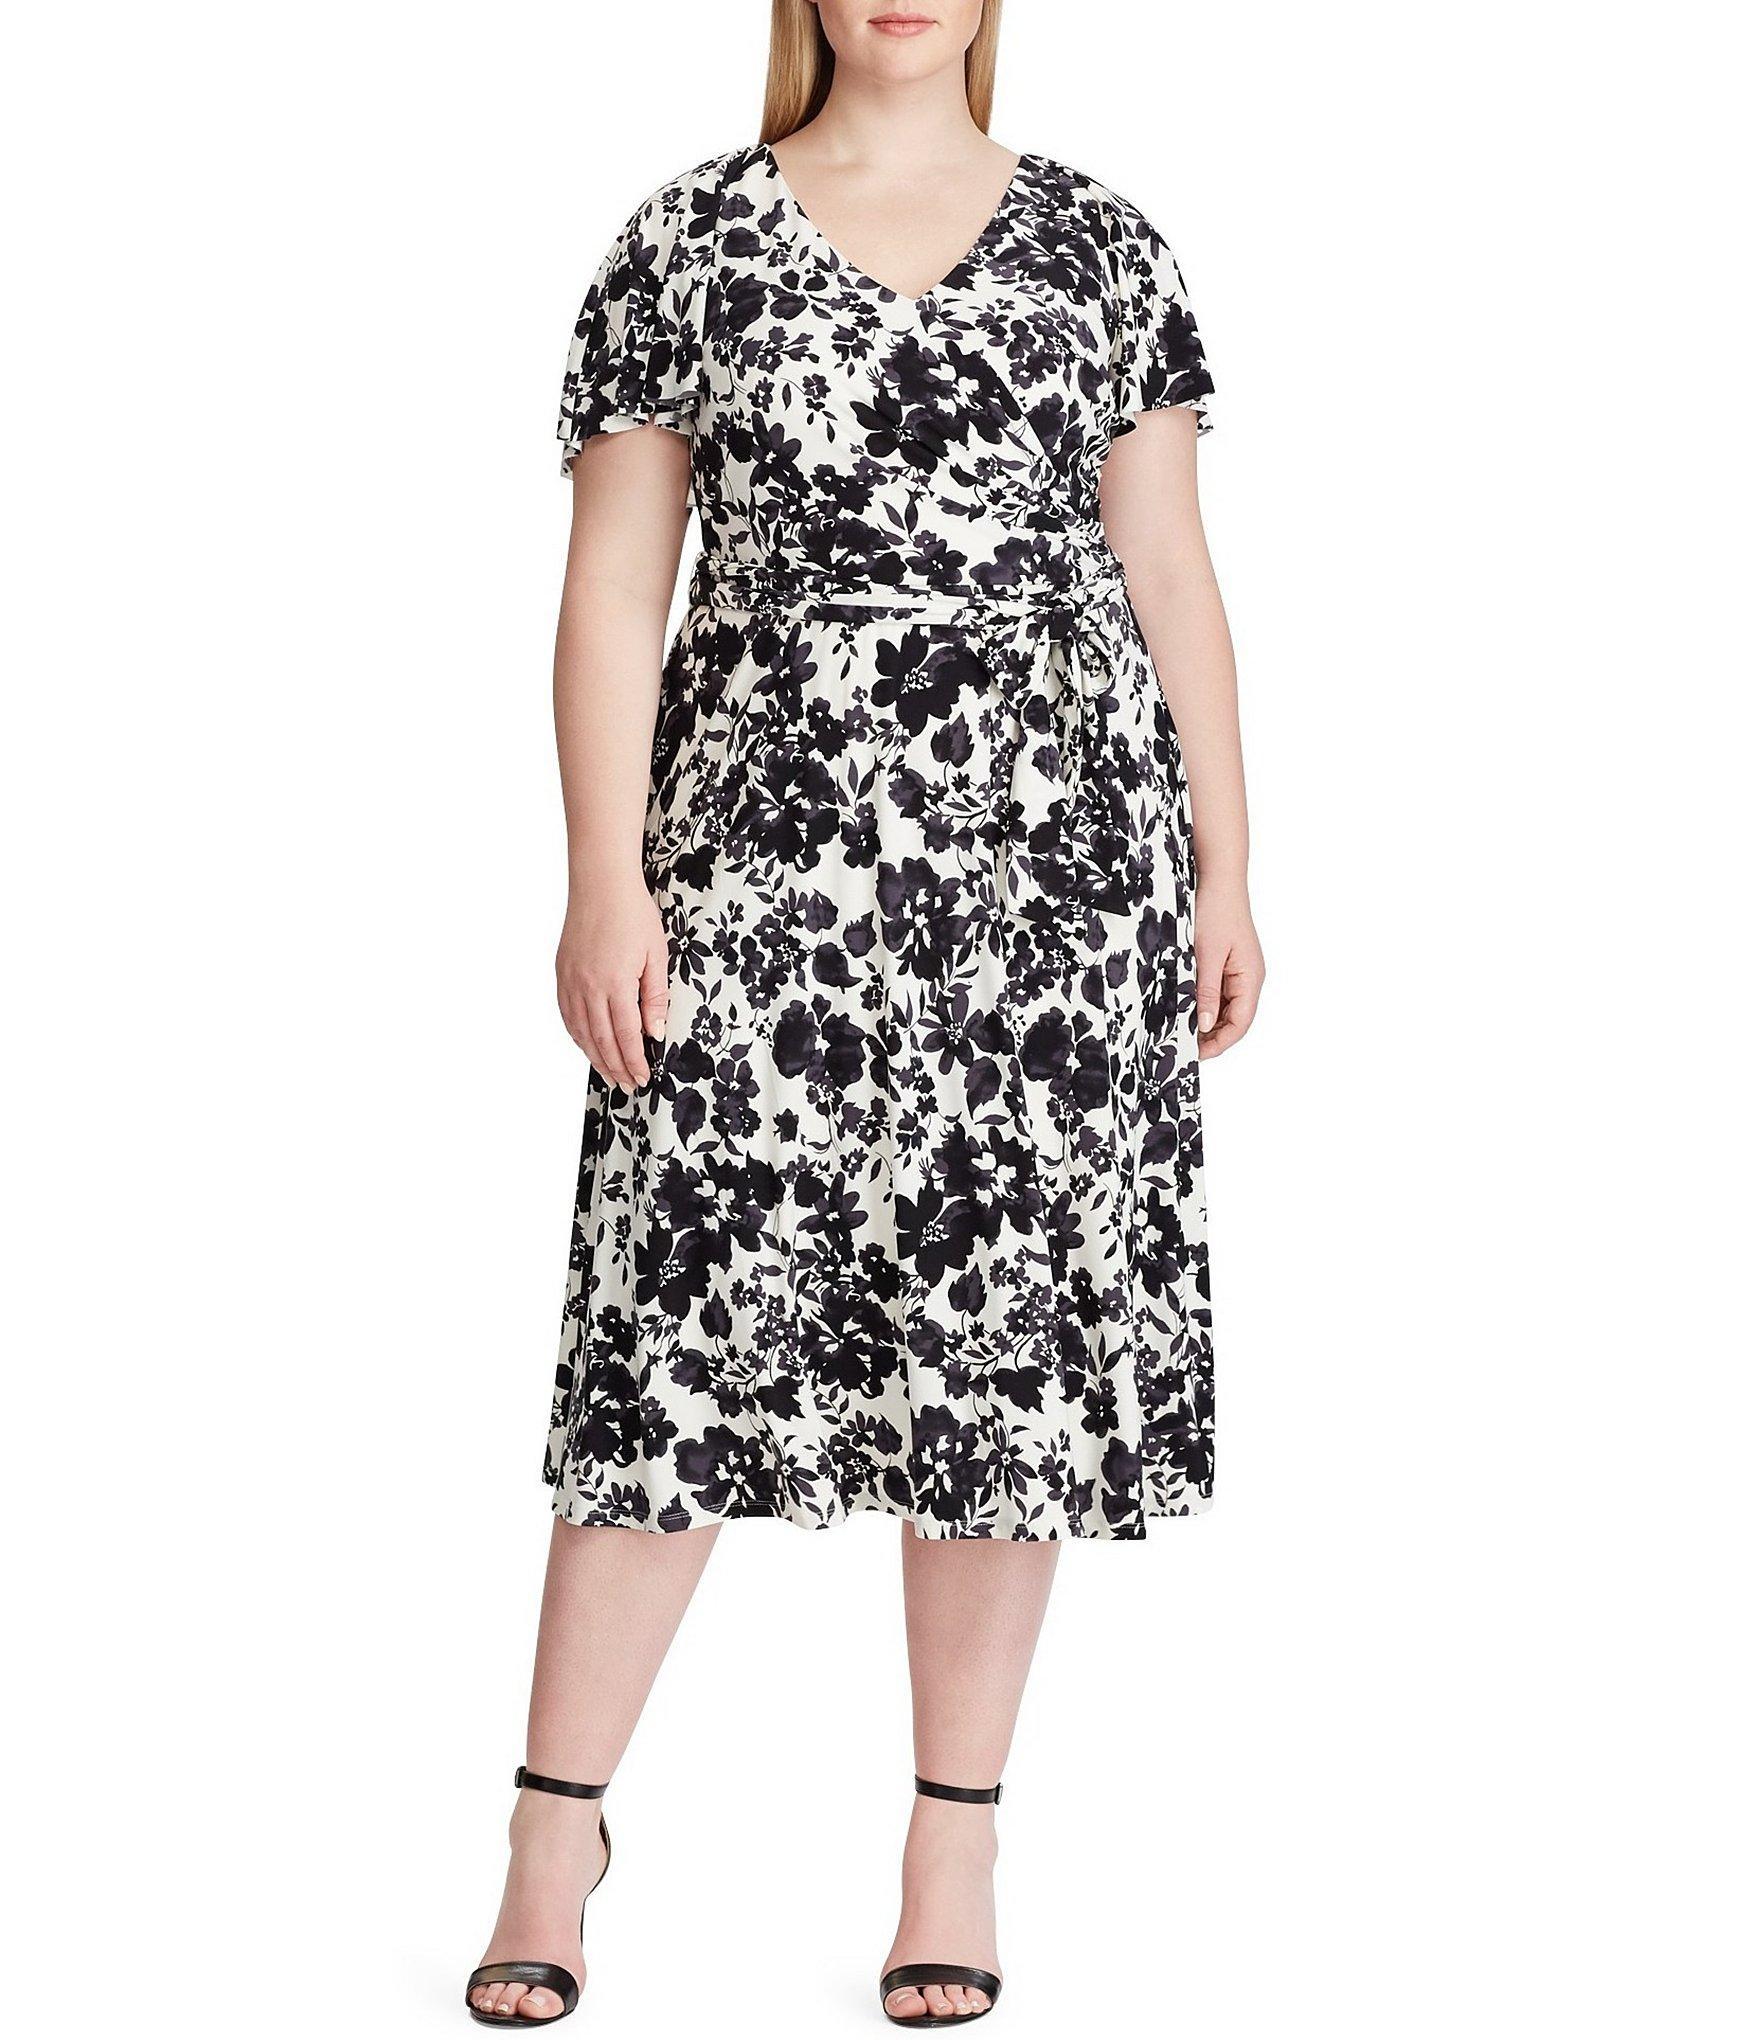 663f145a181 Lyst - Lauren by Ralph Lauren Plus Size Leota Floral Print Short ...